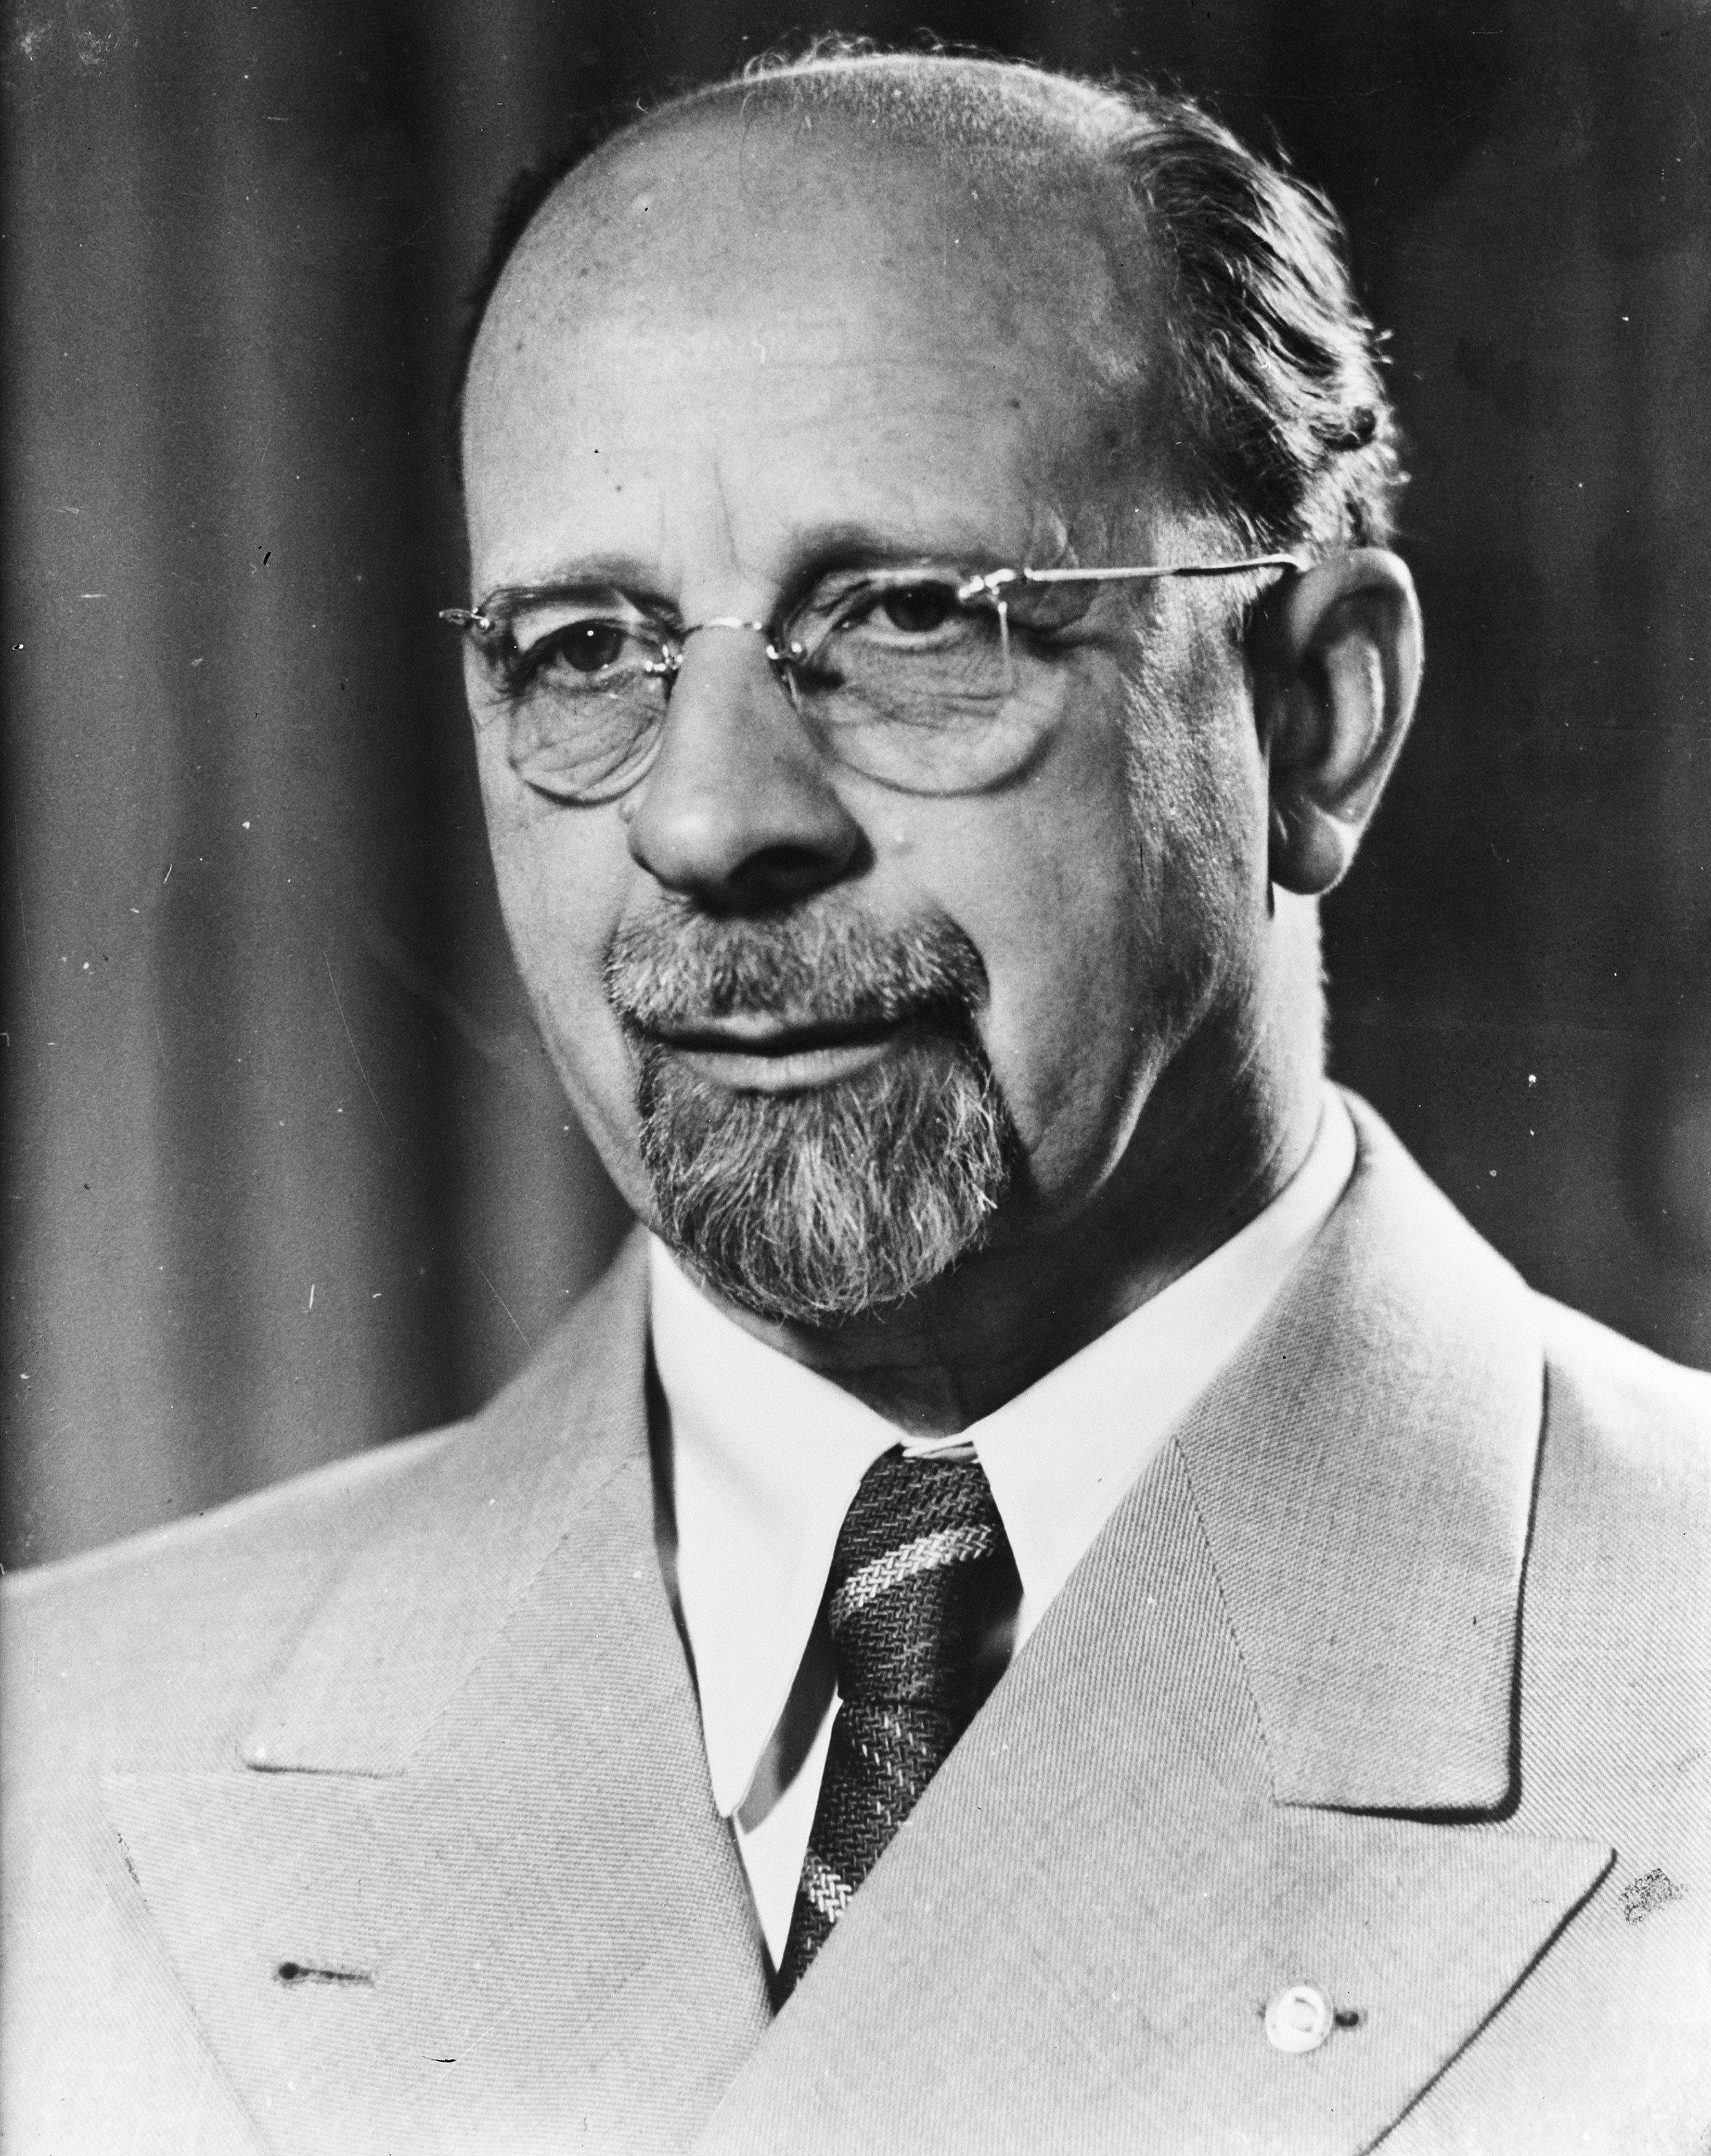 Ulbricht in 1960